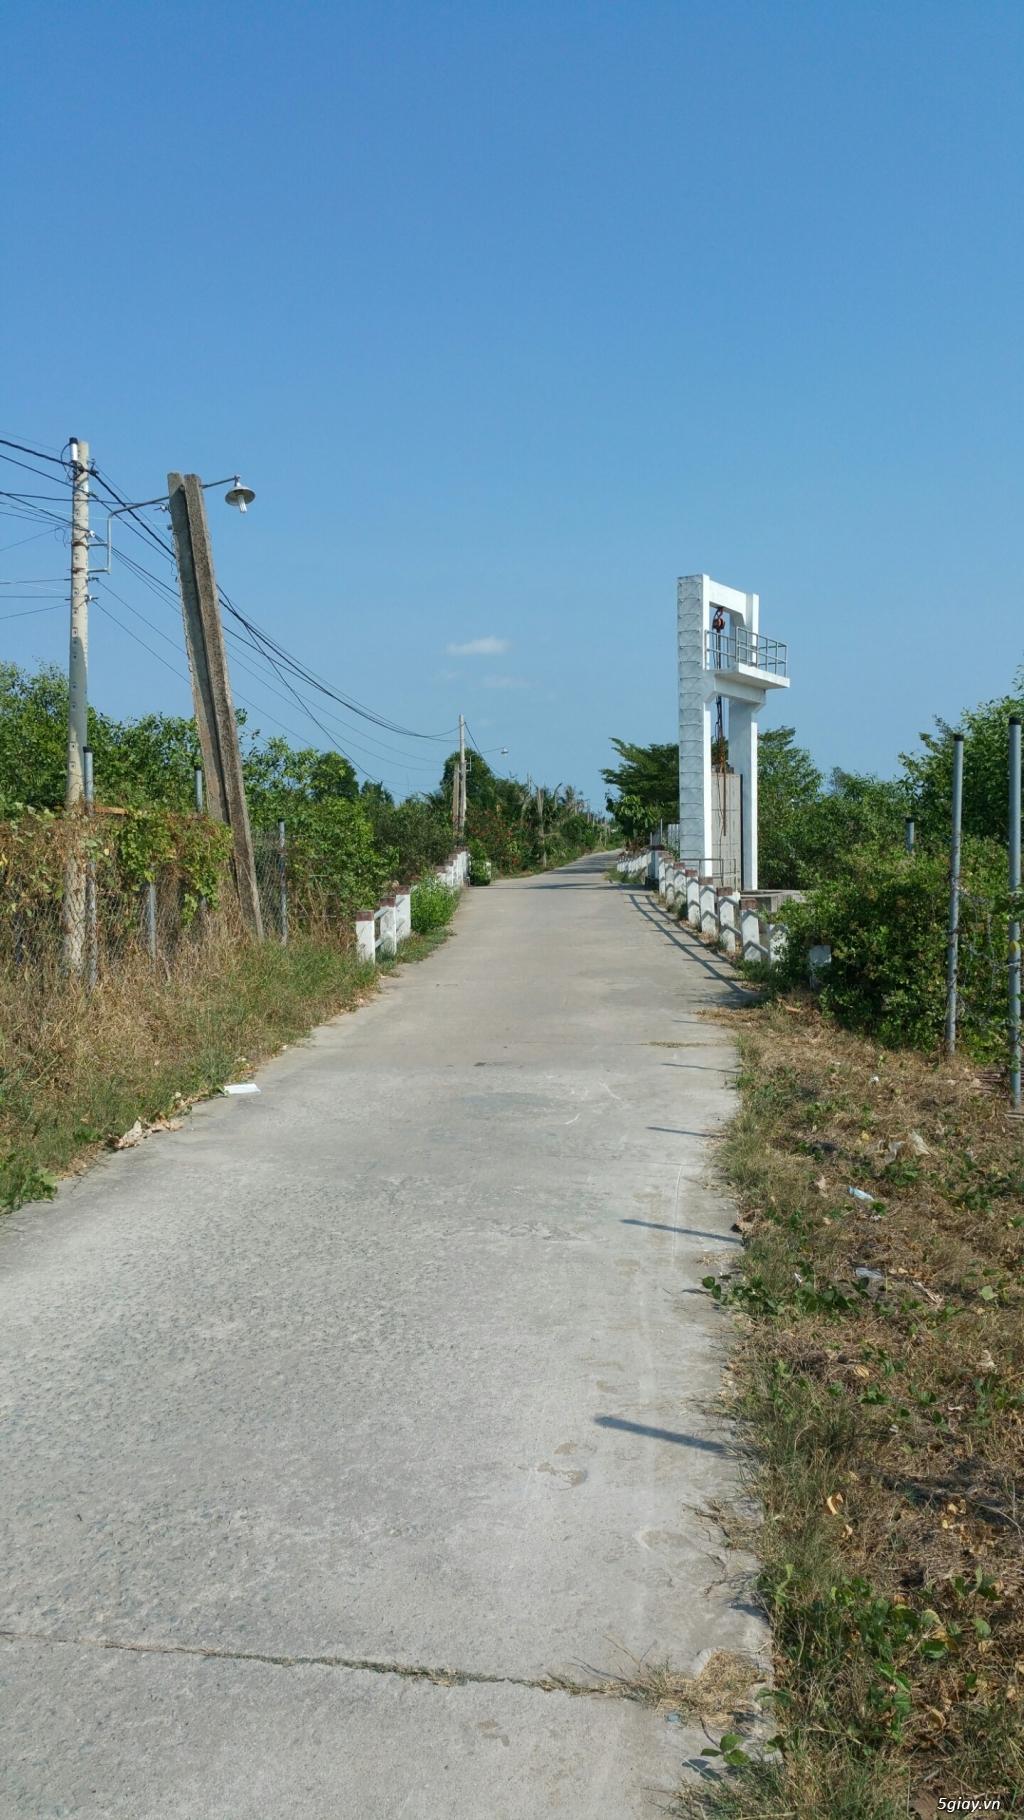 Bán nhanh đất rẻ bèo tại Cần Giuộc-Long An gần KCN Long Hậu - 1